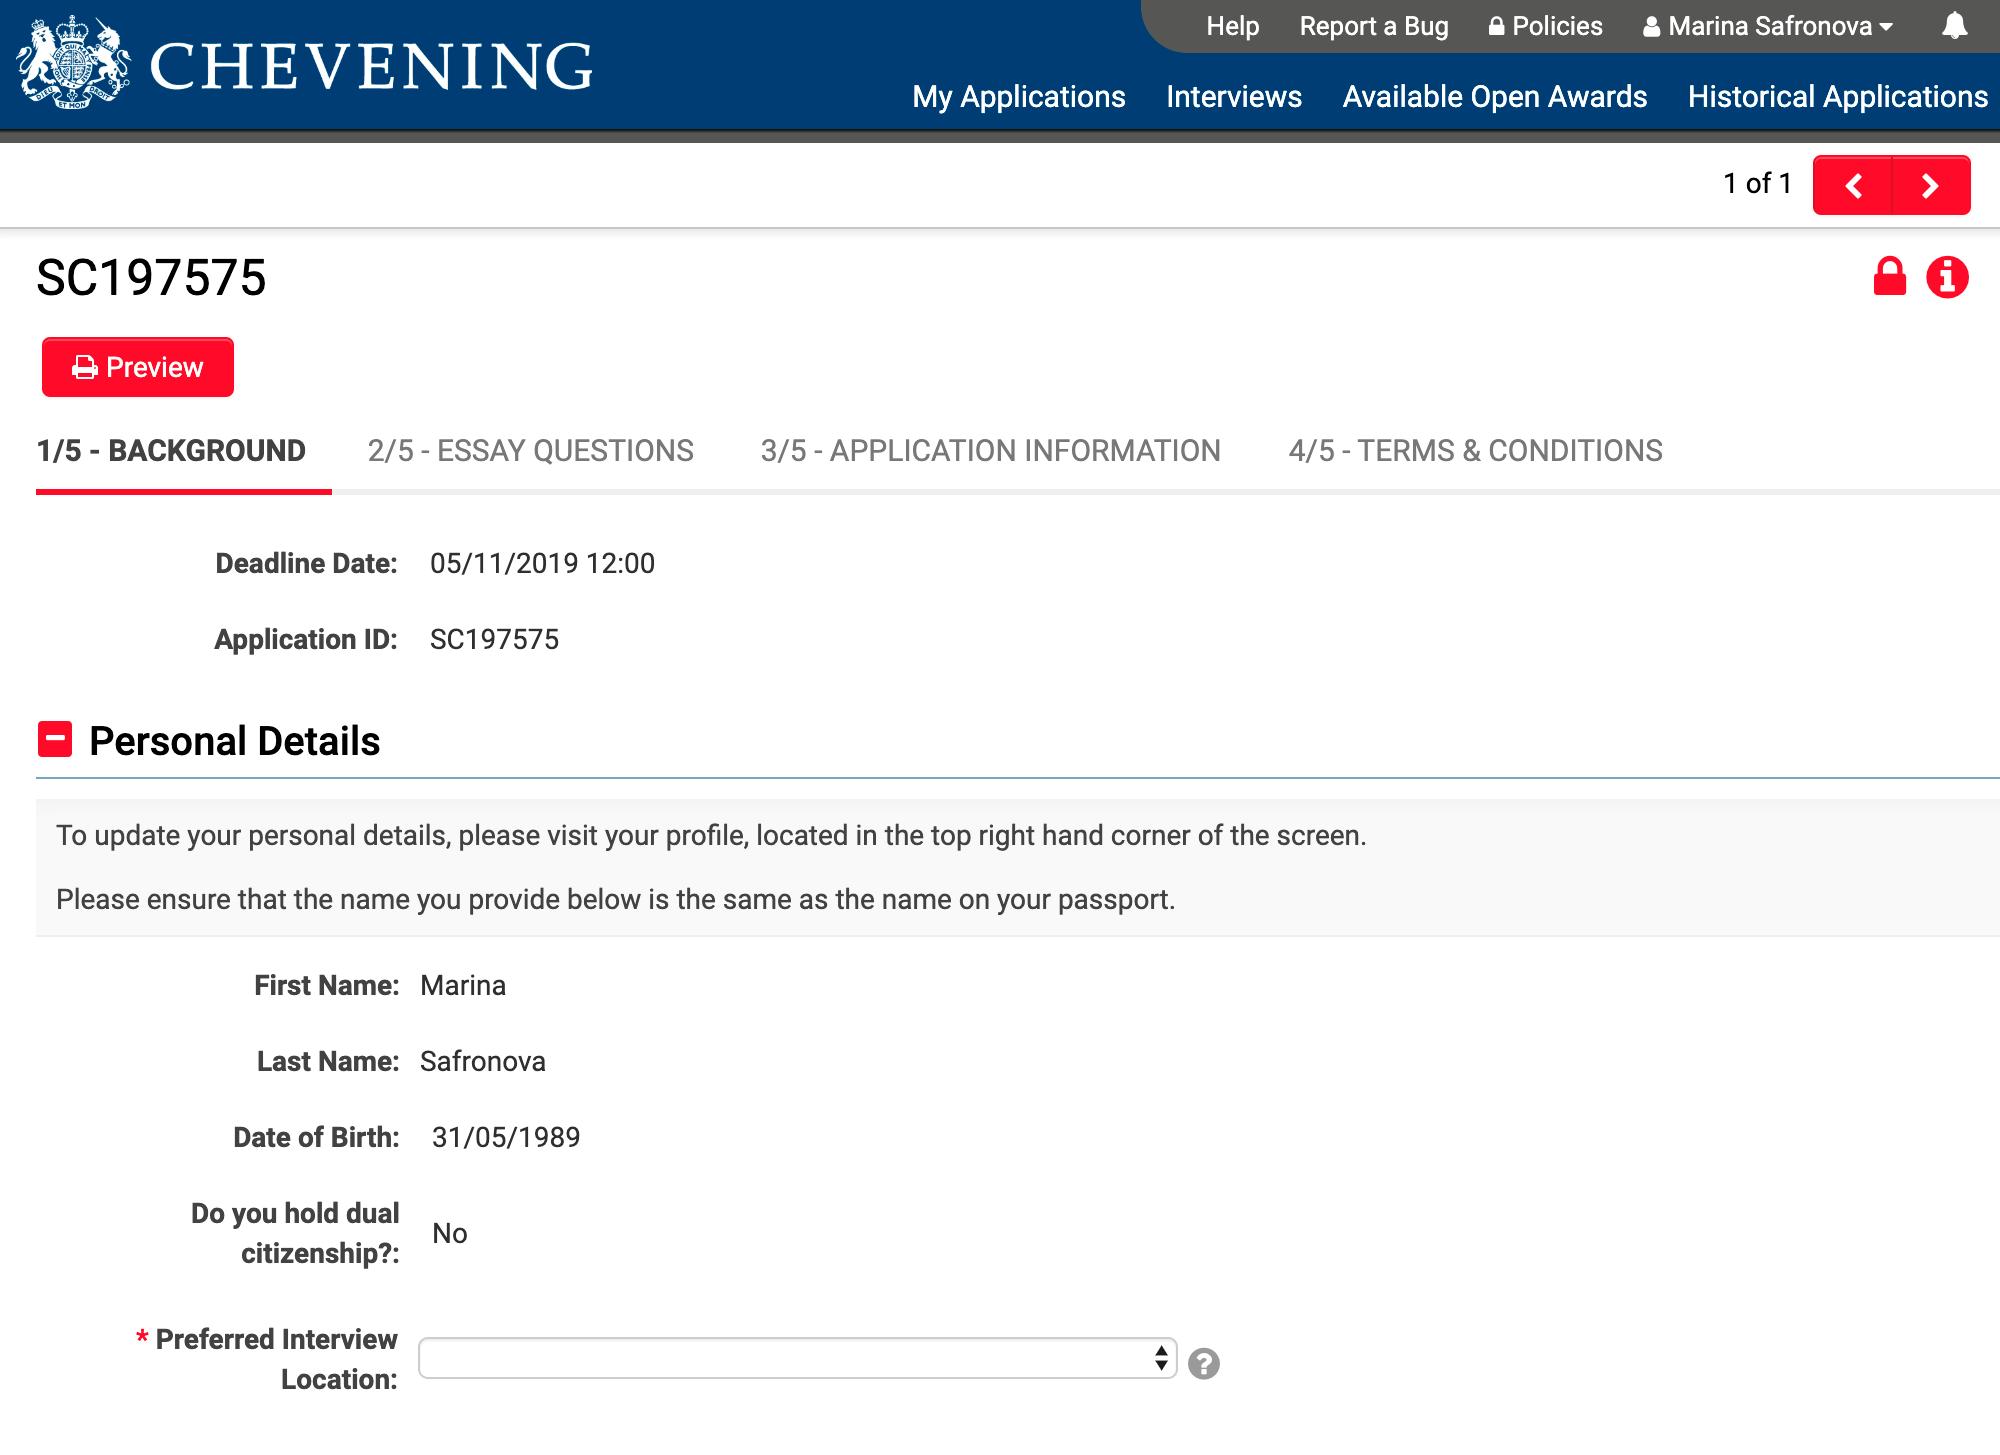 Так выглядит первая страница анкеты для«Чивнинга», где указываются паспортные данные, образование и опыт работы